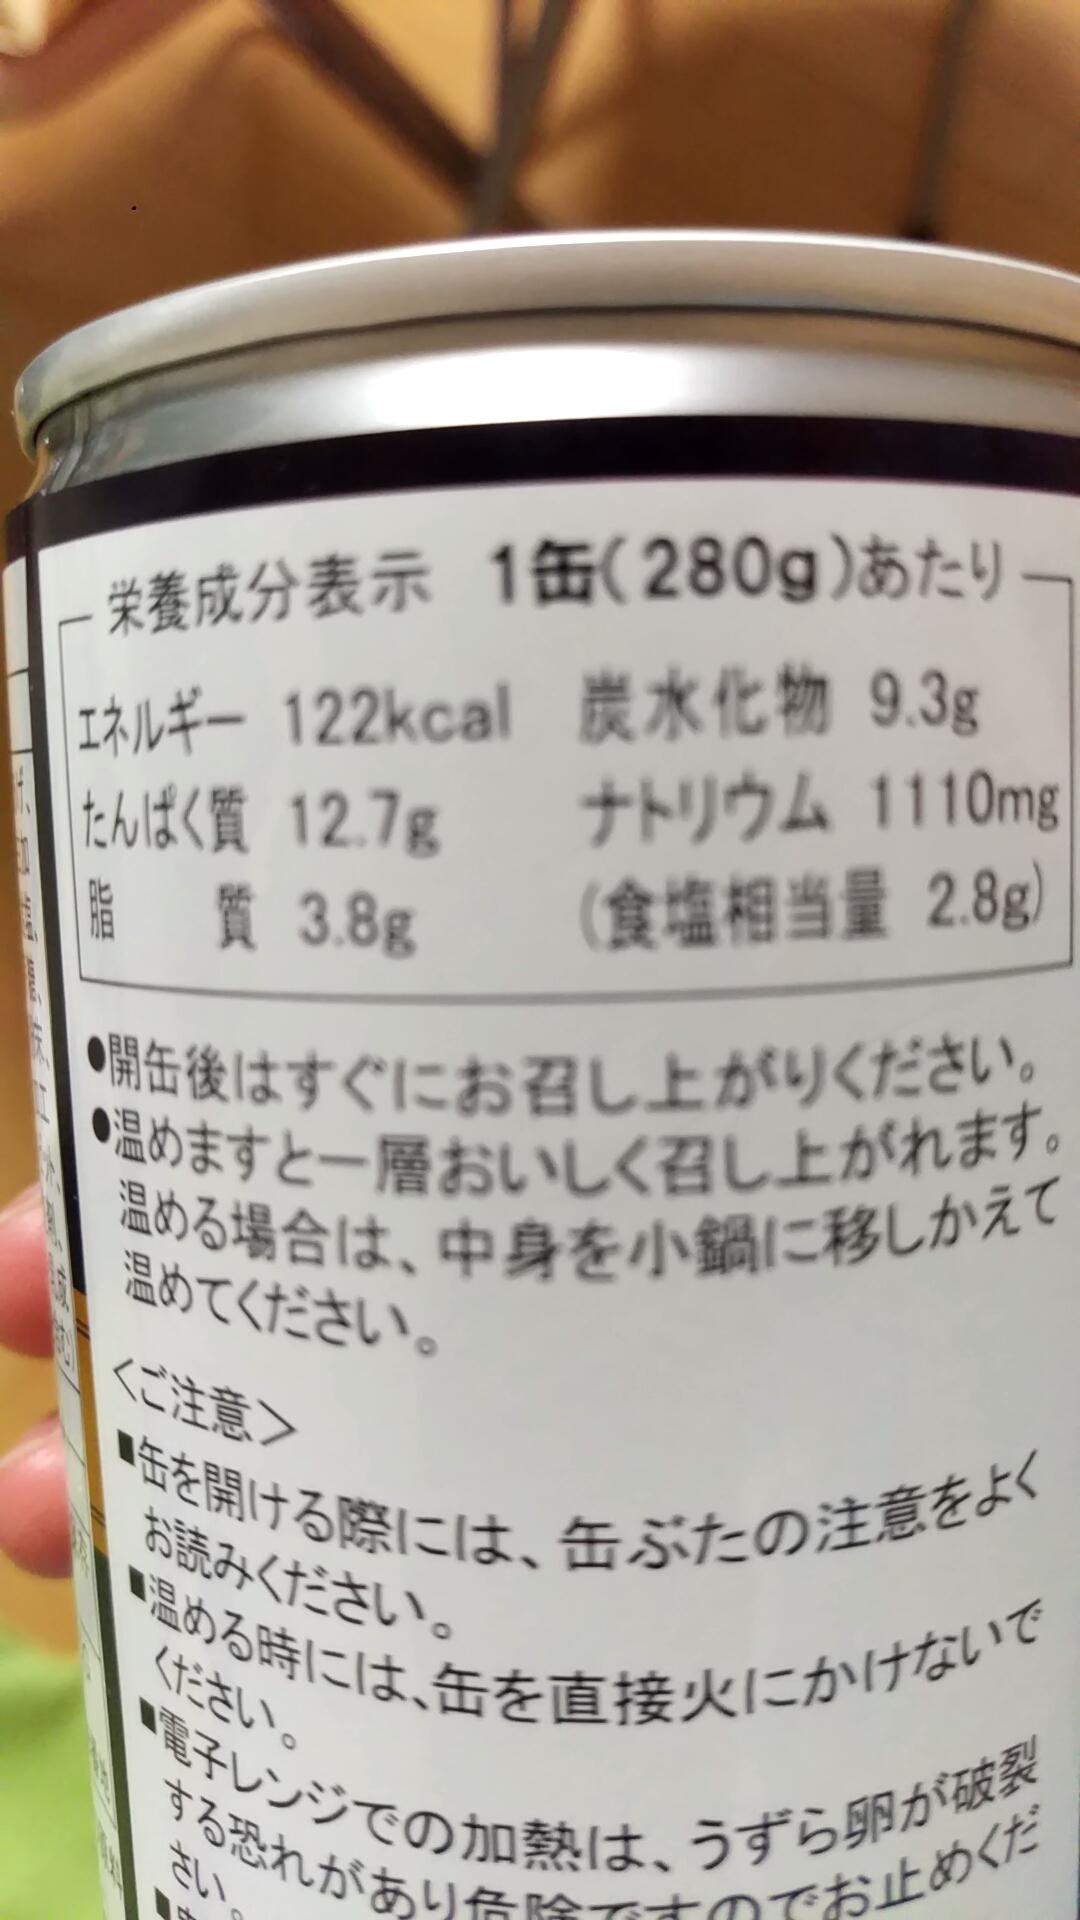 これだけ美味で満足度高いのに、なんと驚きの122kcal!